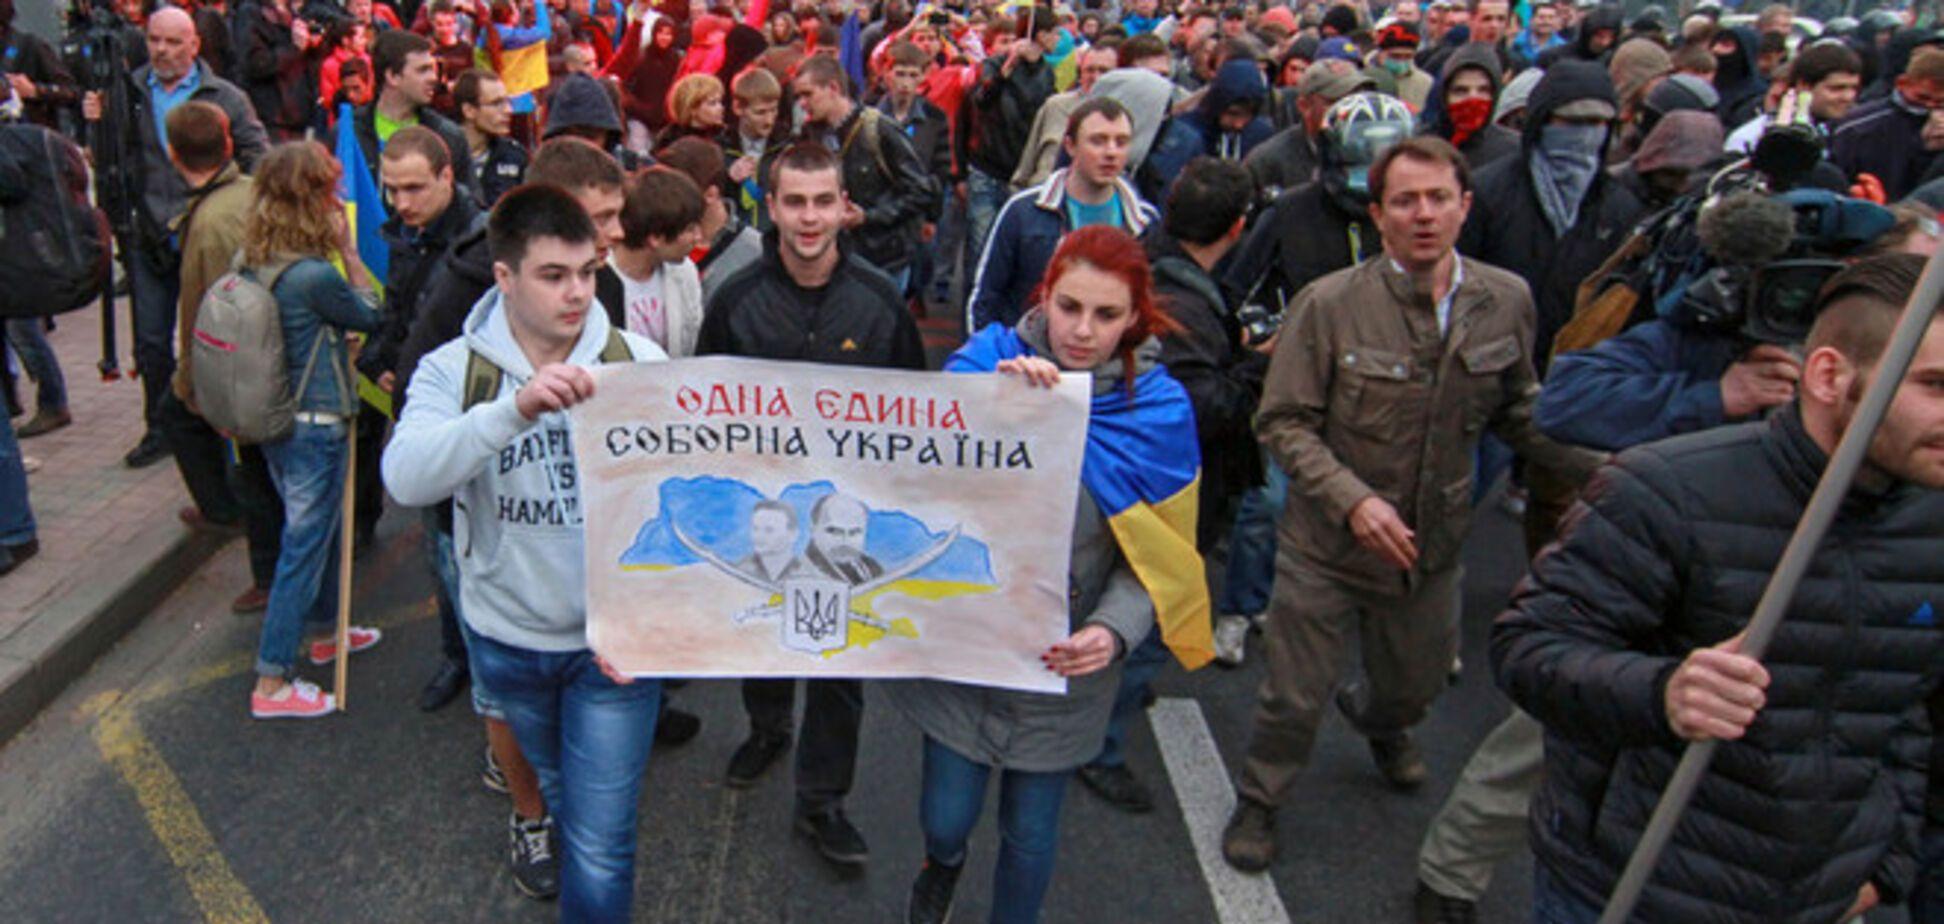 Сформирован межобластной совет территориальных общин Юго-Востока Украины